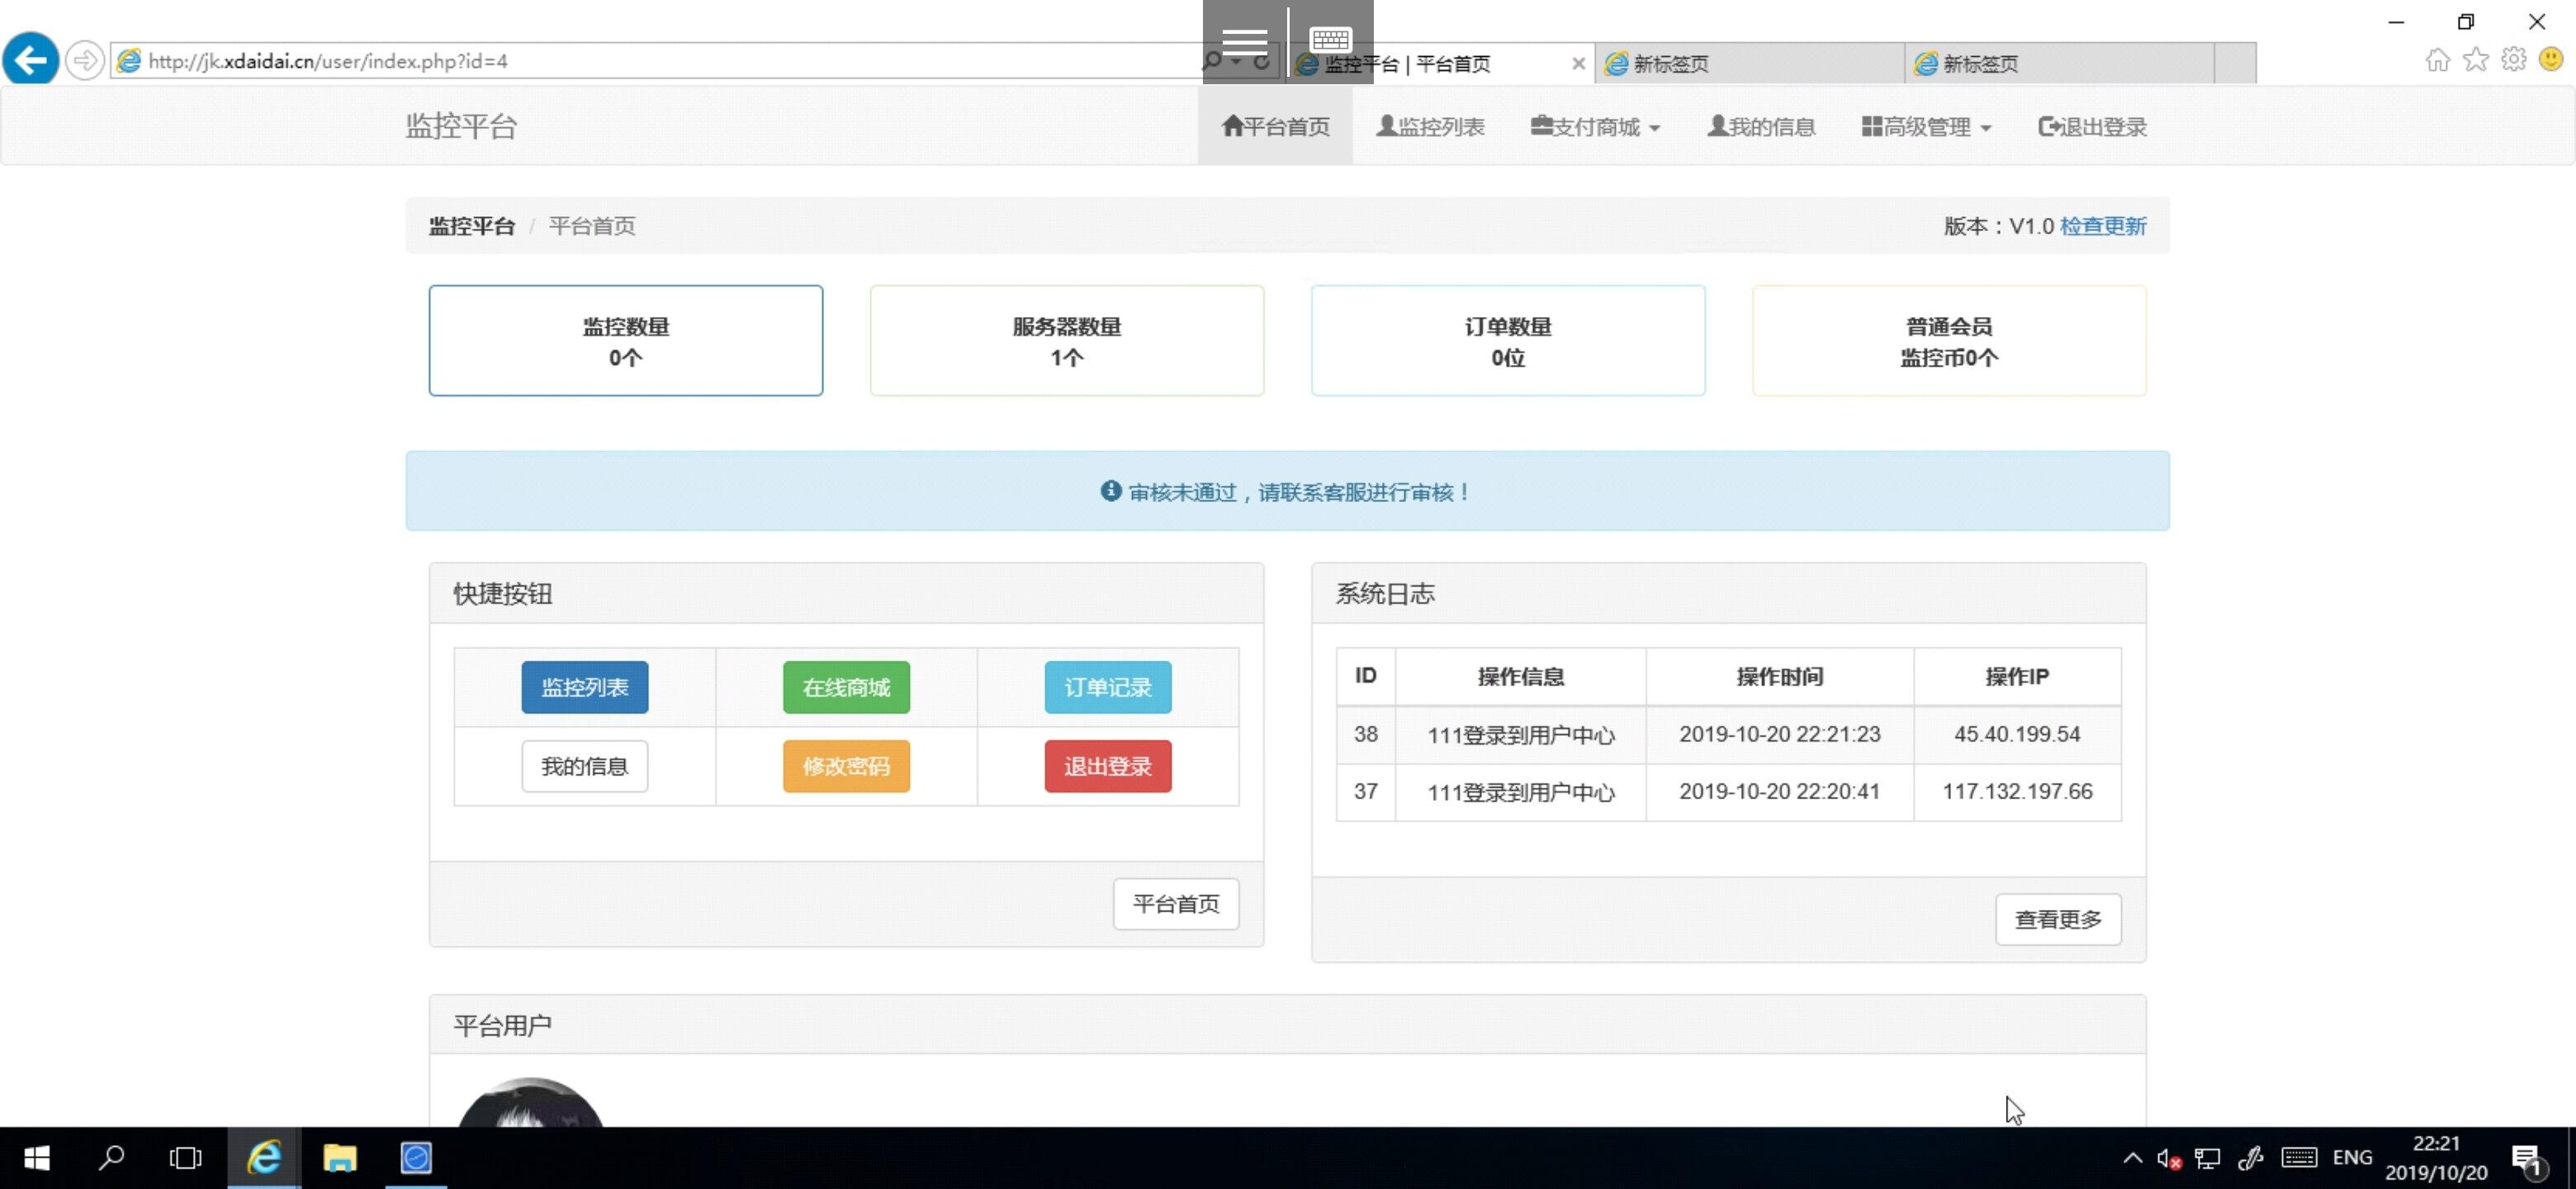 全网首发监控平台源码+软件 mz可用